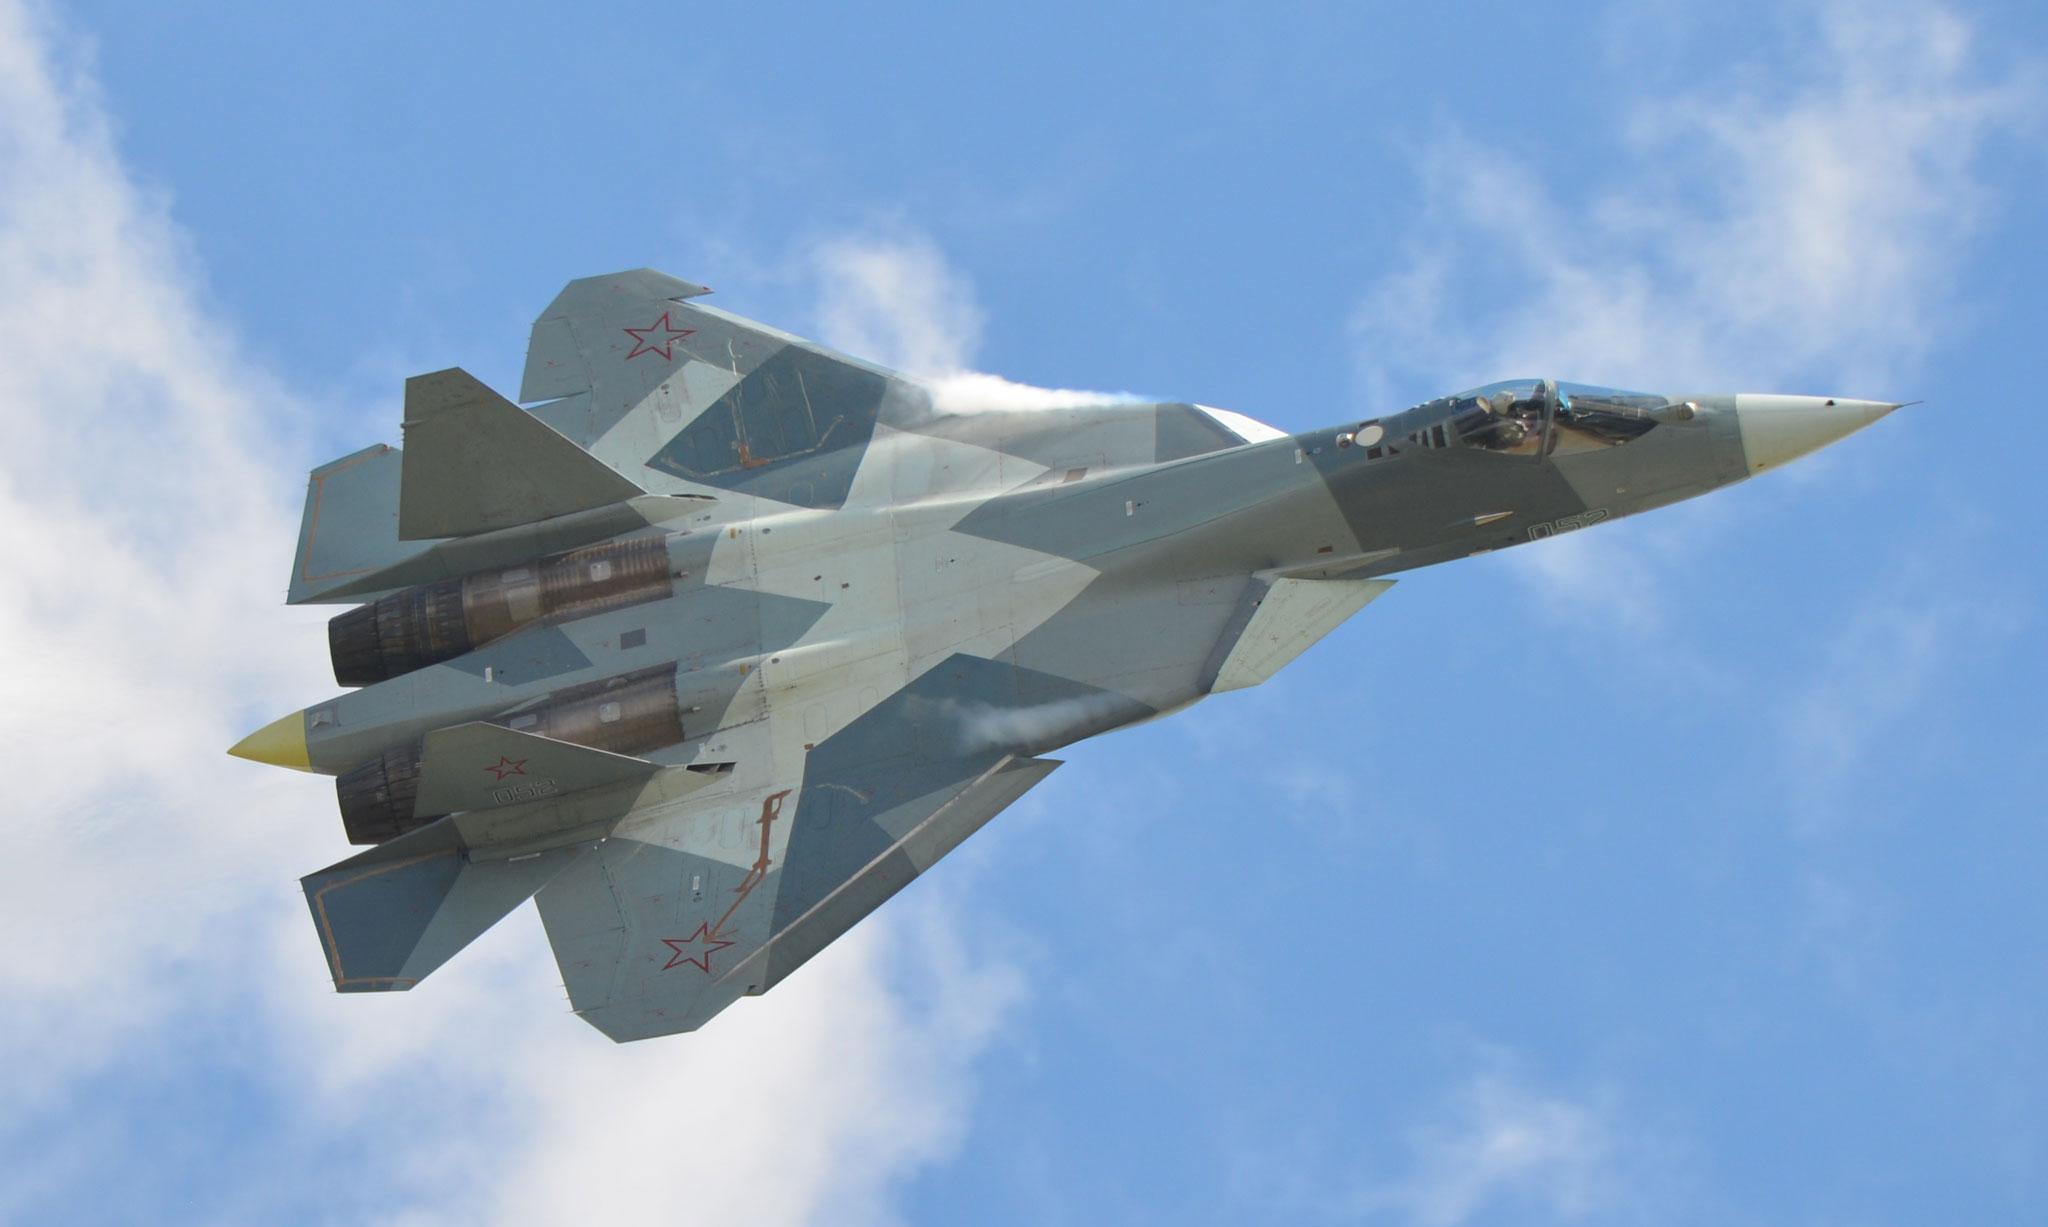 SU-57, răspunsul rus la avionul de luptă de producție americană F-35